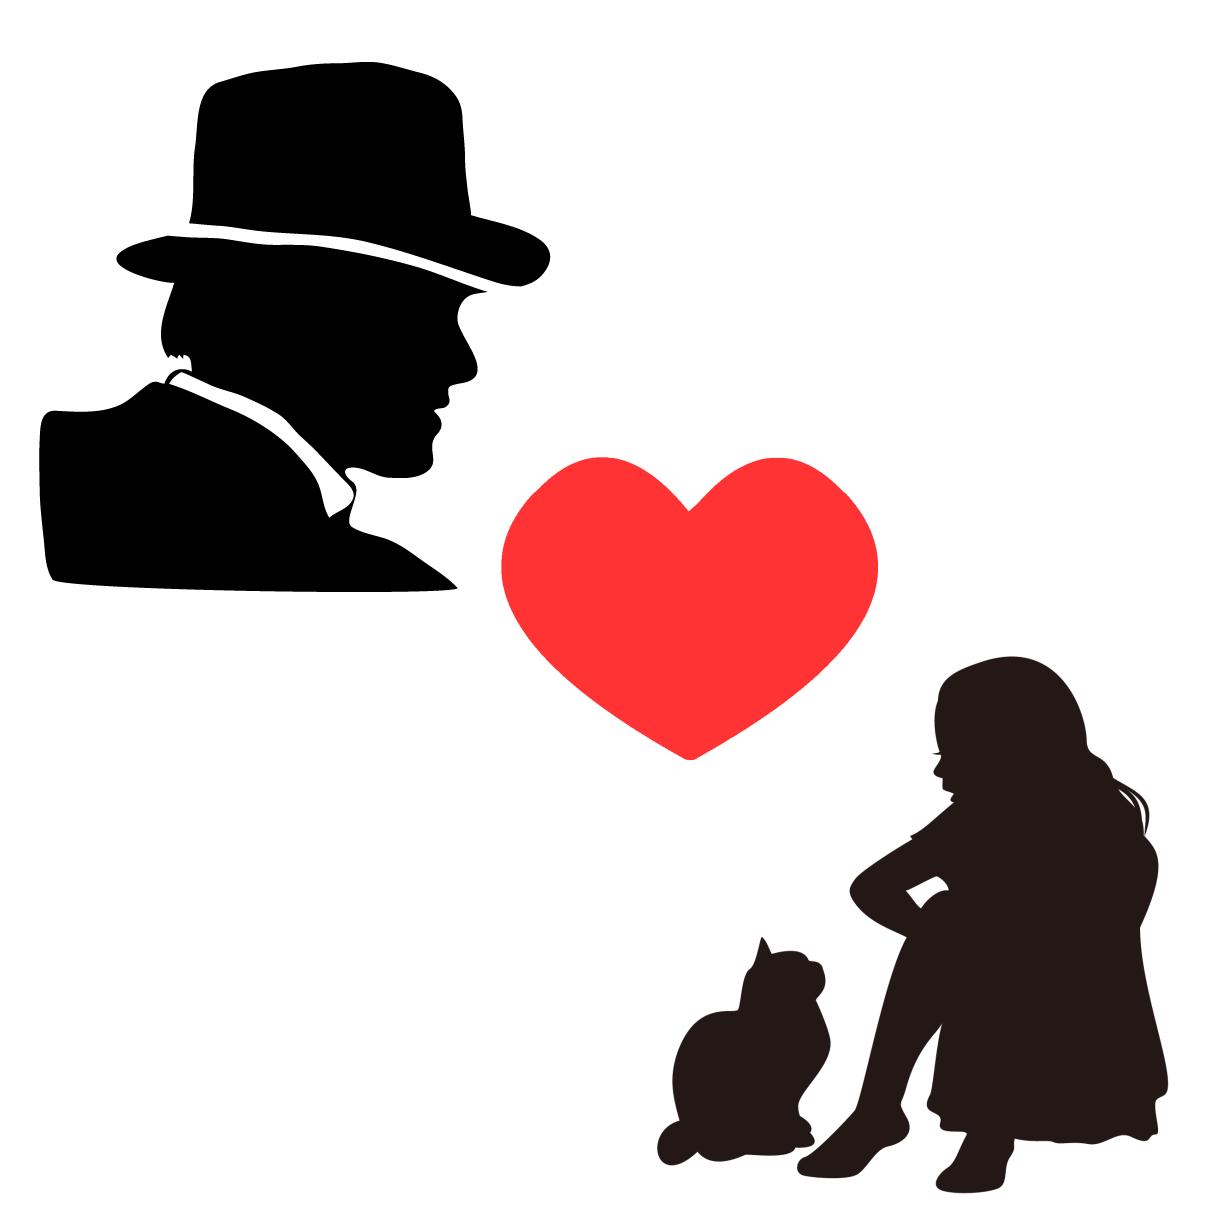 アダルトチルドレン_プラケータータイプの恋愛傾向を表すイラスト